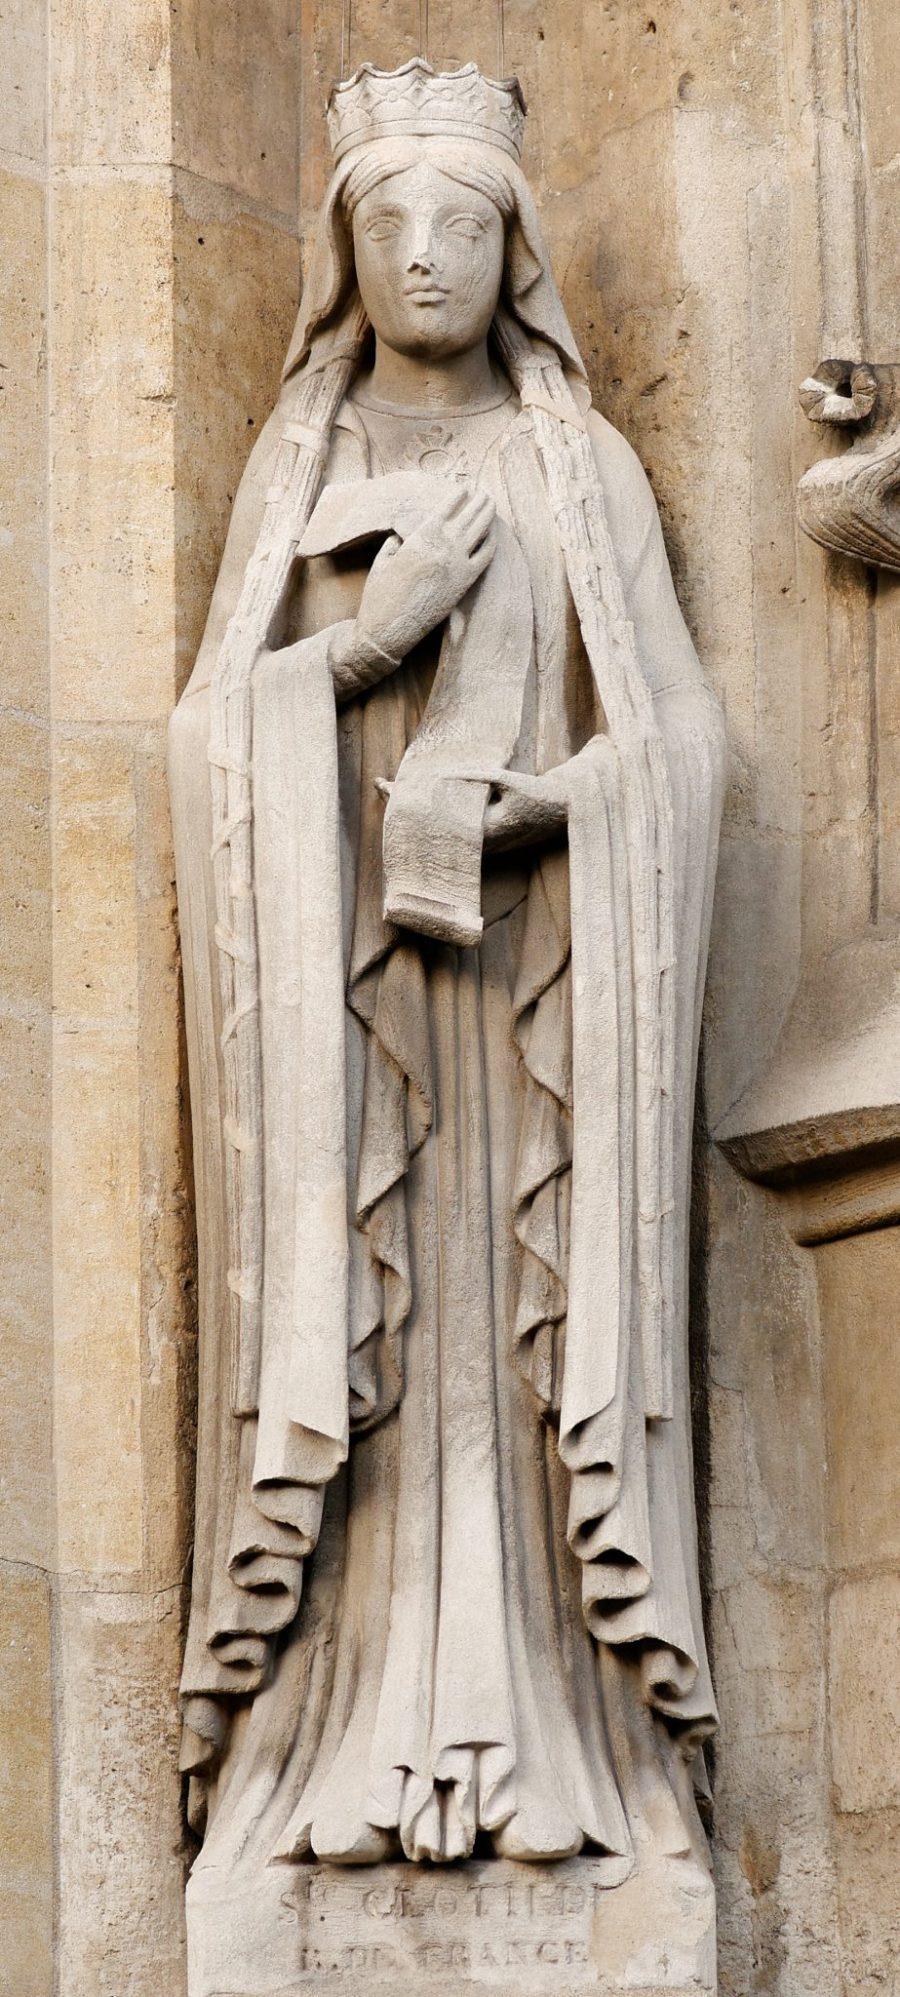 Statua di Santa Clotilde sulla facciata della Chiesa di Saint Germain l'Auxerrois, Parigi